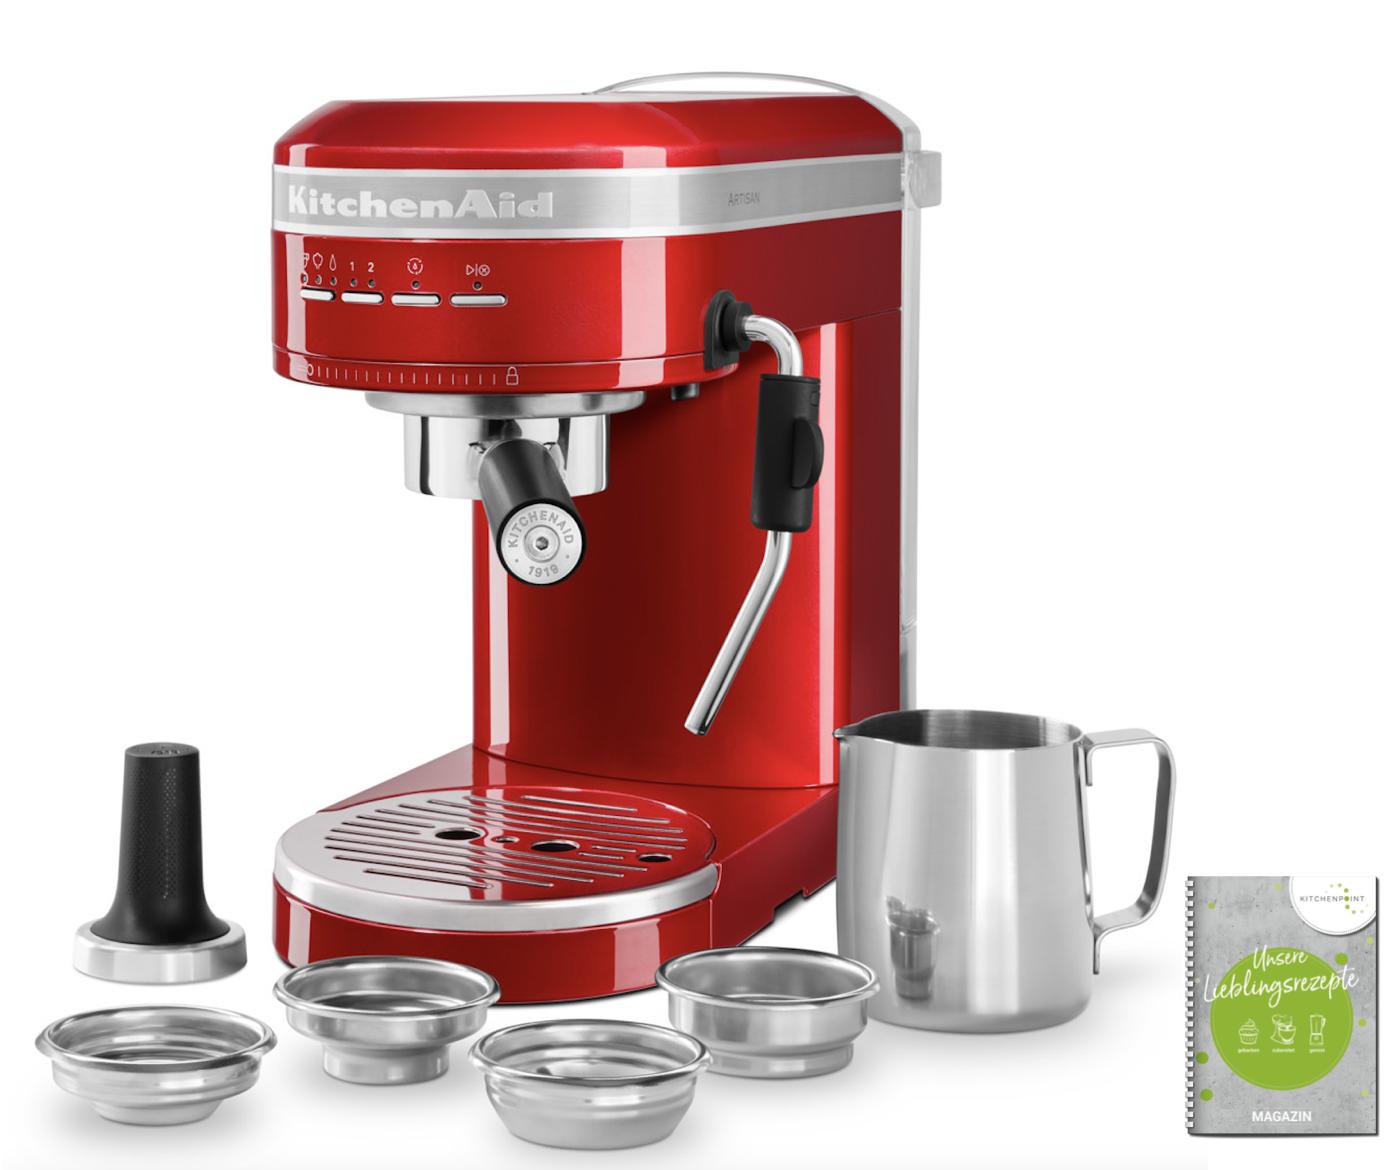 KitchenAid Espressomaschine Artisan Empire Rot